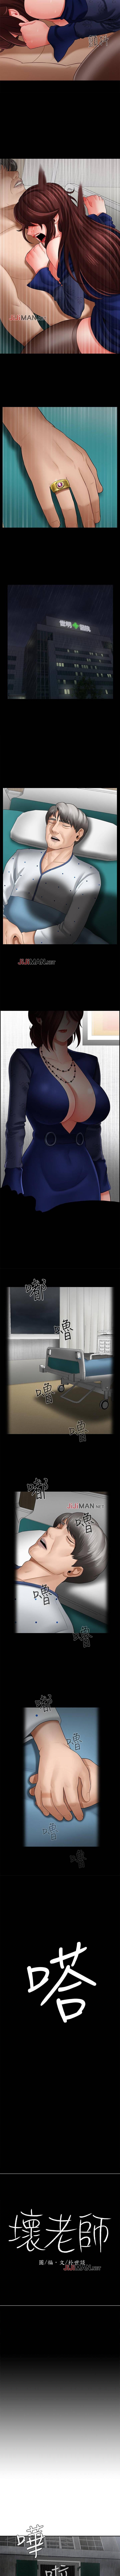 【已休刊】坏老师(作者:朴世談&福) 第1~31话 47